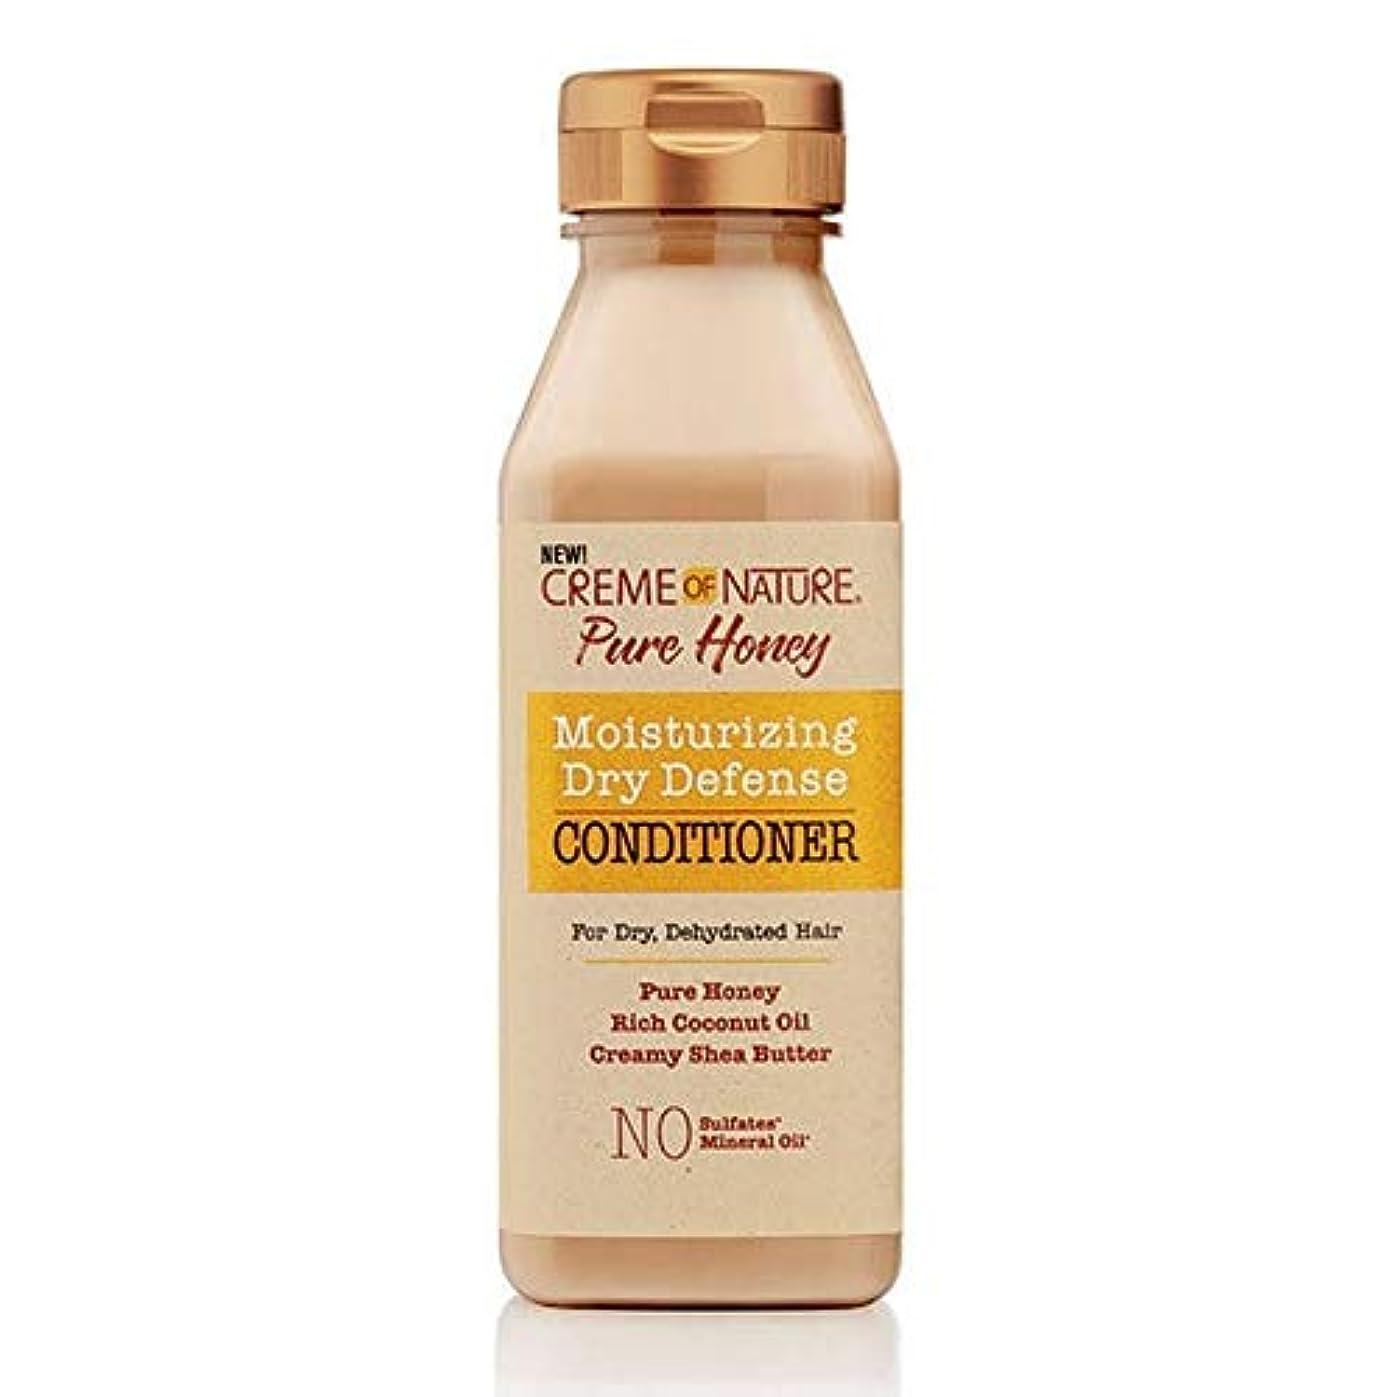 引退する大理石糞[Creme of Nature ] 自然の純粋蜂蜜ドライ防衛コンディショナー355ミリリットルのクリーム - Creme of Nature Pure Honey Dry Defence Conditioner 355ml...